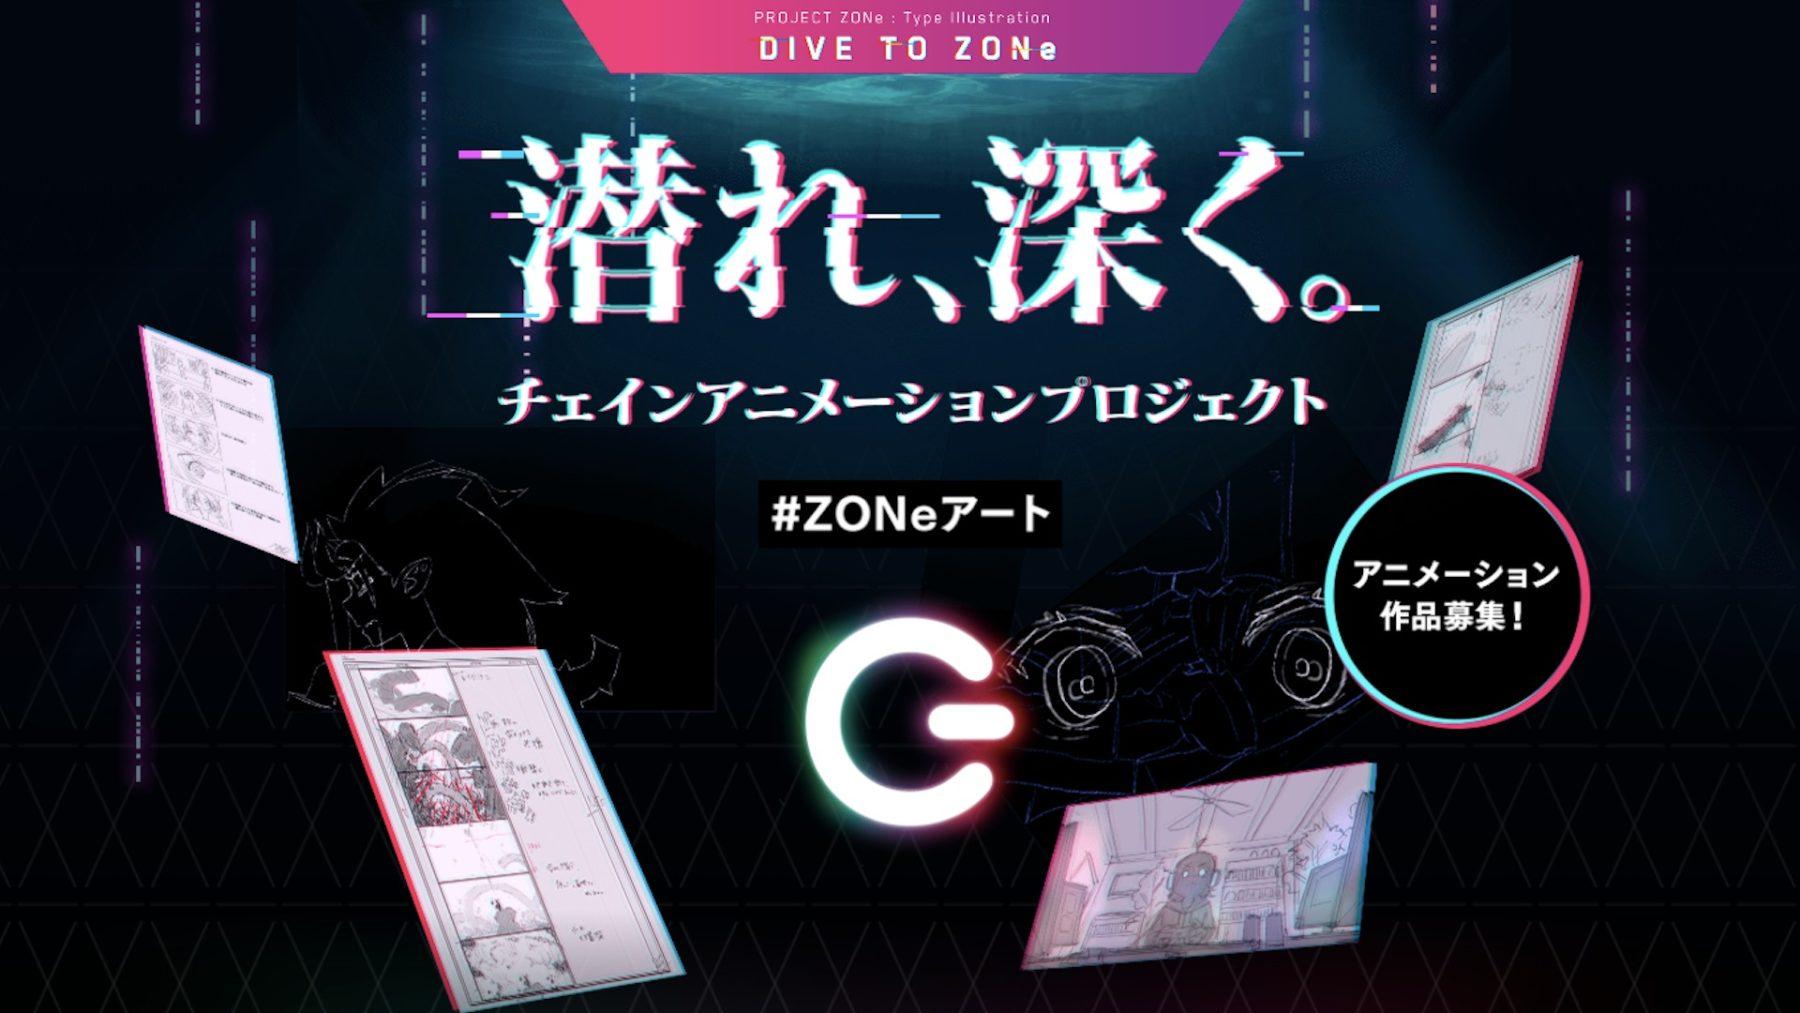 ZONe「チェインアニメーションプロジェクト」にVIRTUAFREAKが参加!Avec Avecとをとはがコラボレーション。エハラミオリ×ヨシナのサウンドロゴも